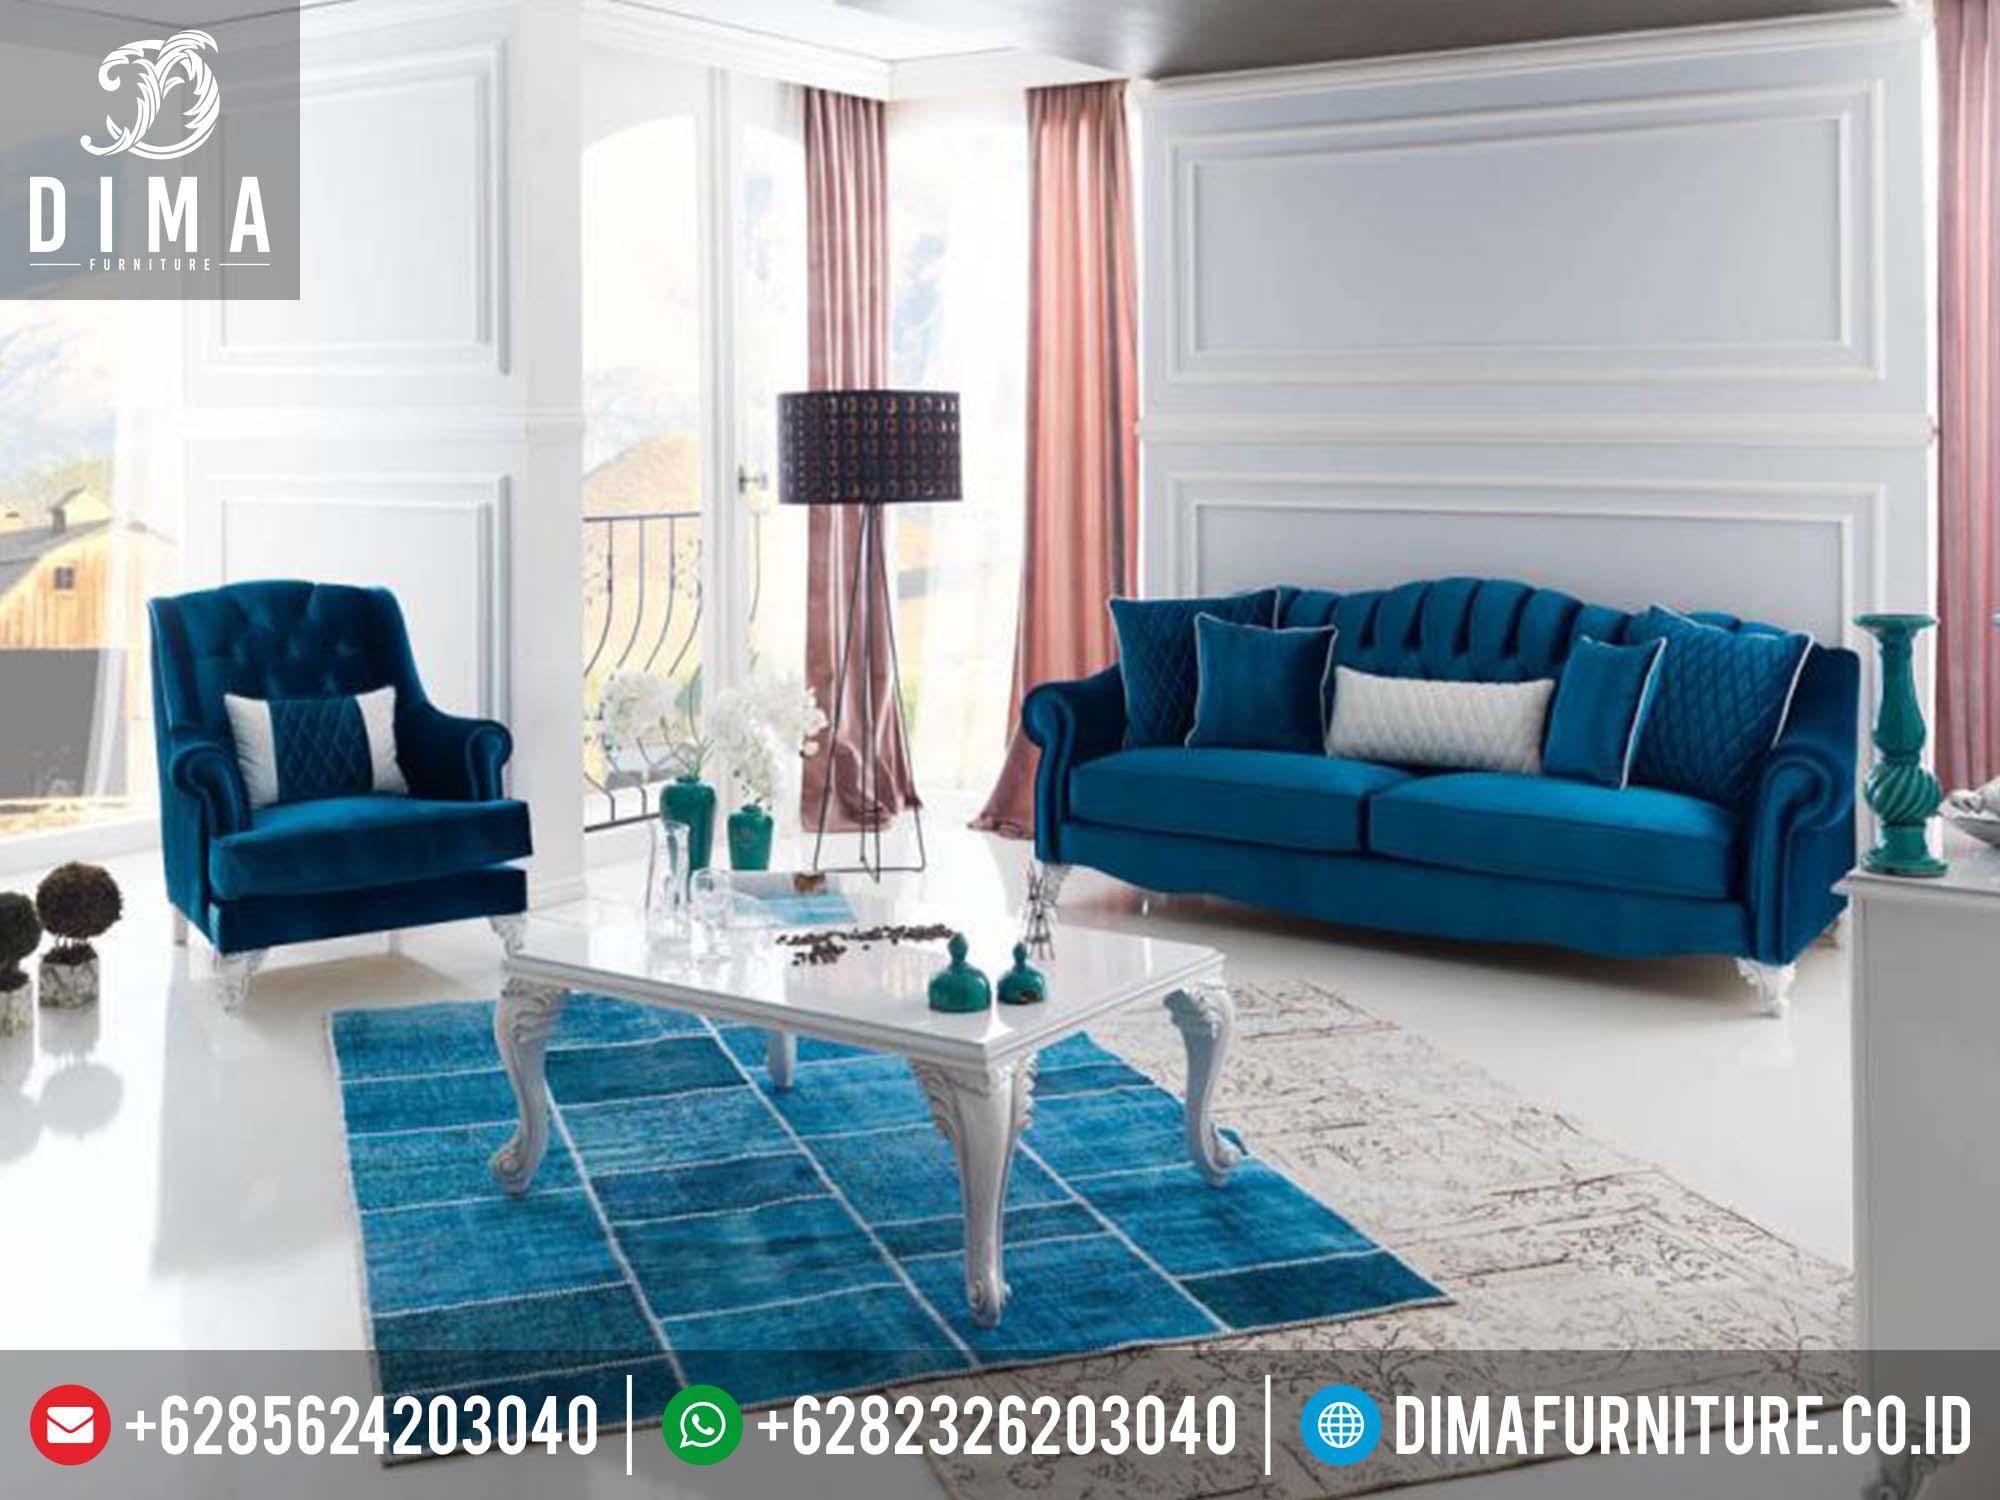 set-sofa-tamu-minimalis-murah-sofa-tamu-minimalis-jepara-kursi-tamu-minimalis-murah-2016-kursi-tamu-minimalis-terbaru-harga-sofa-kursi-tamu-minimalis-df-0094